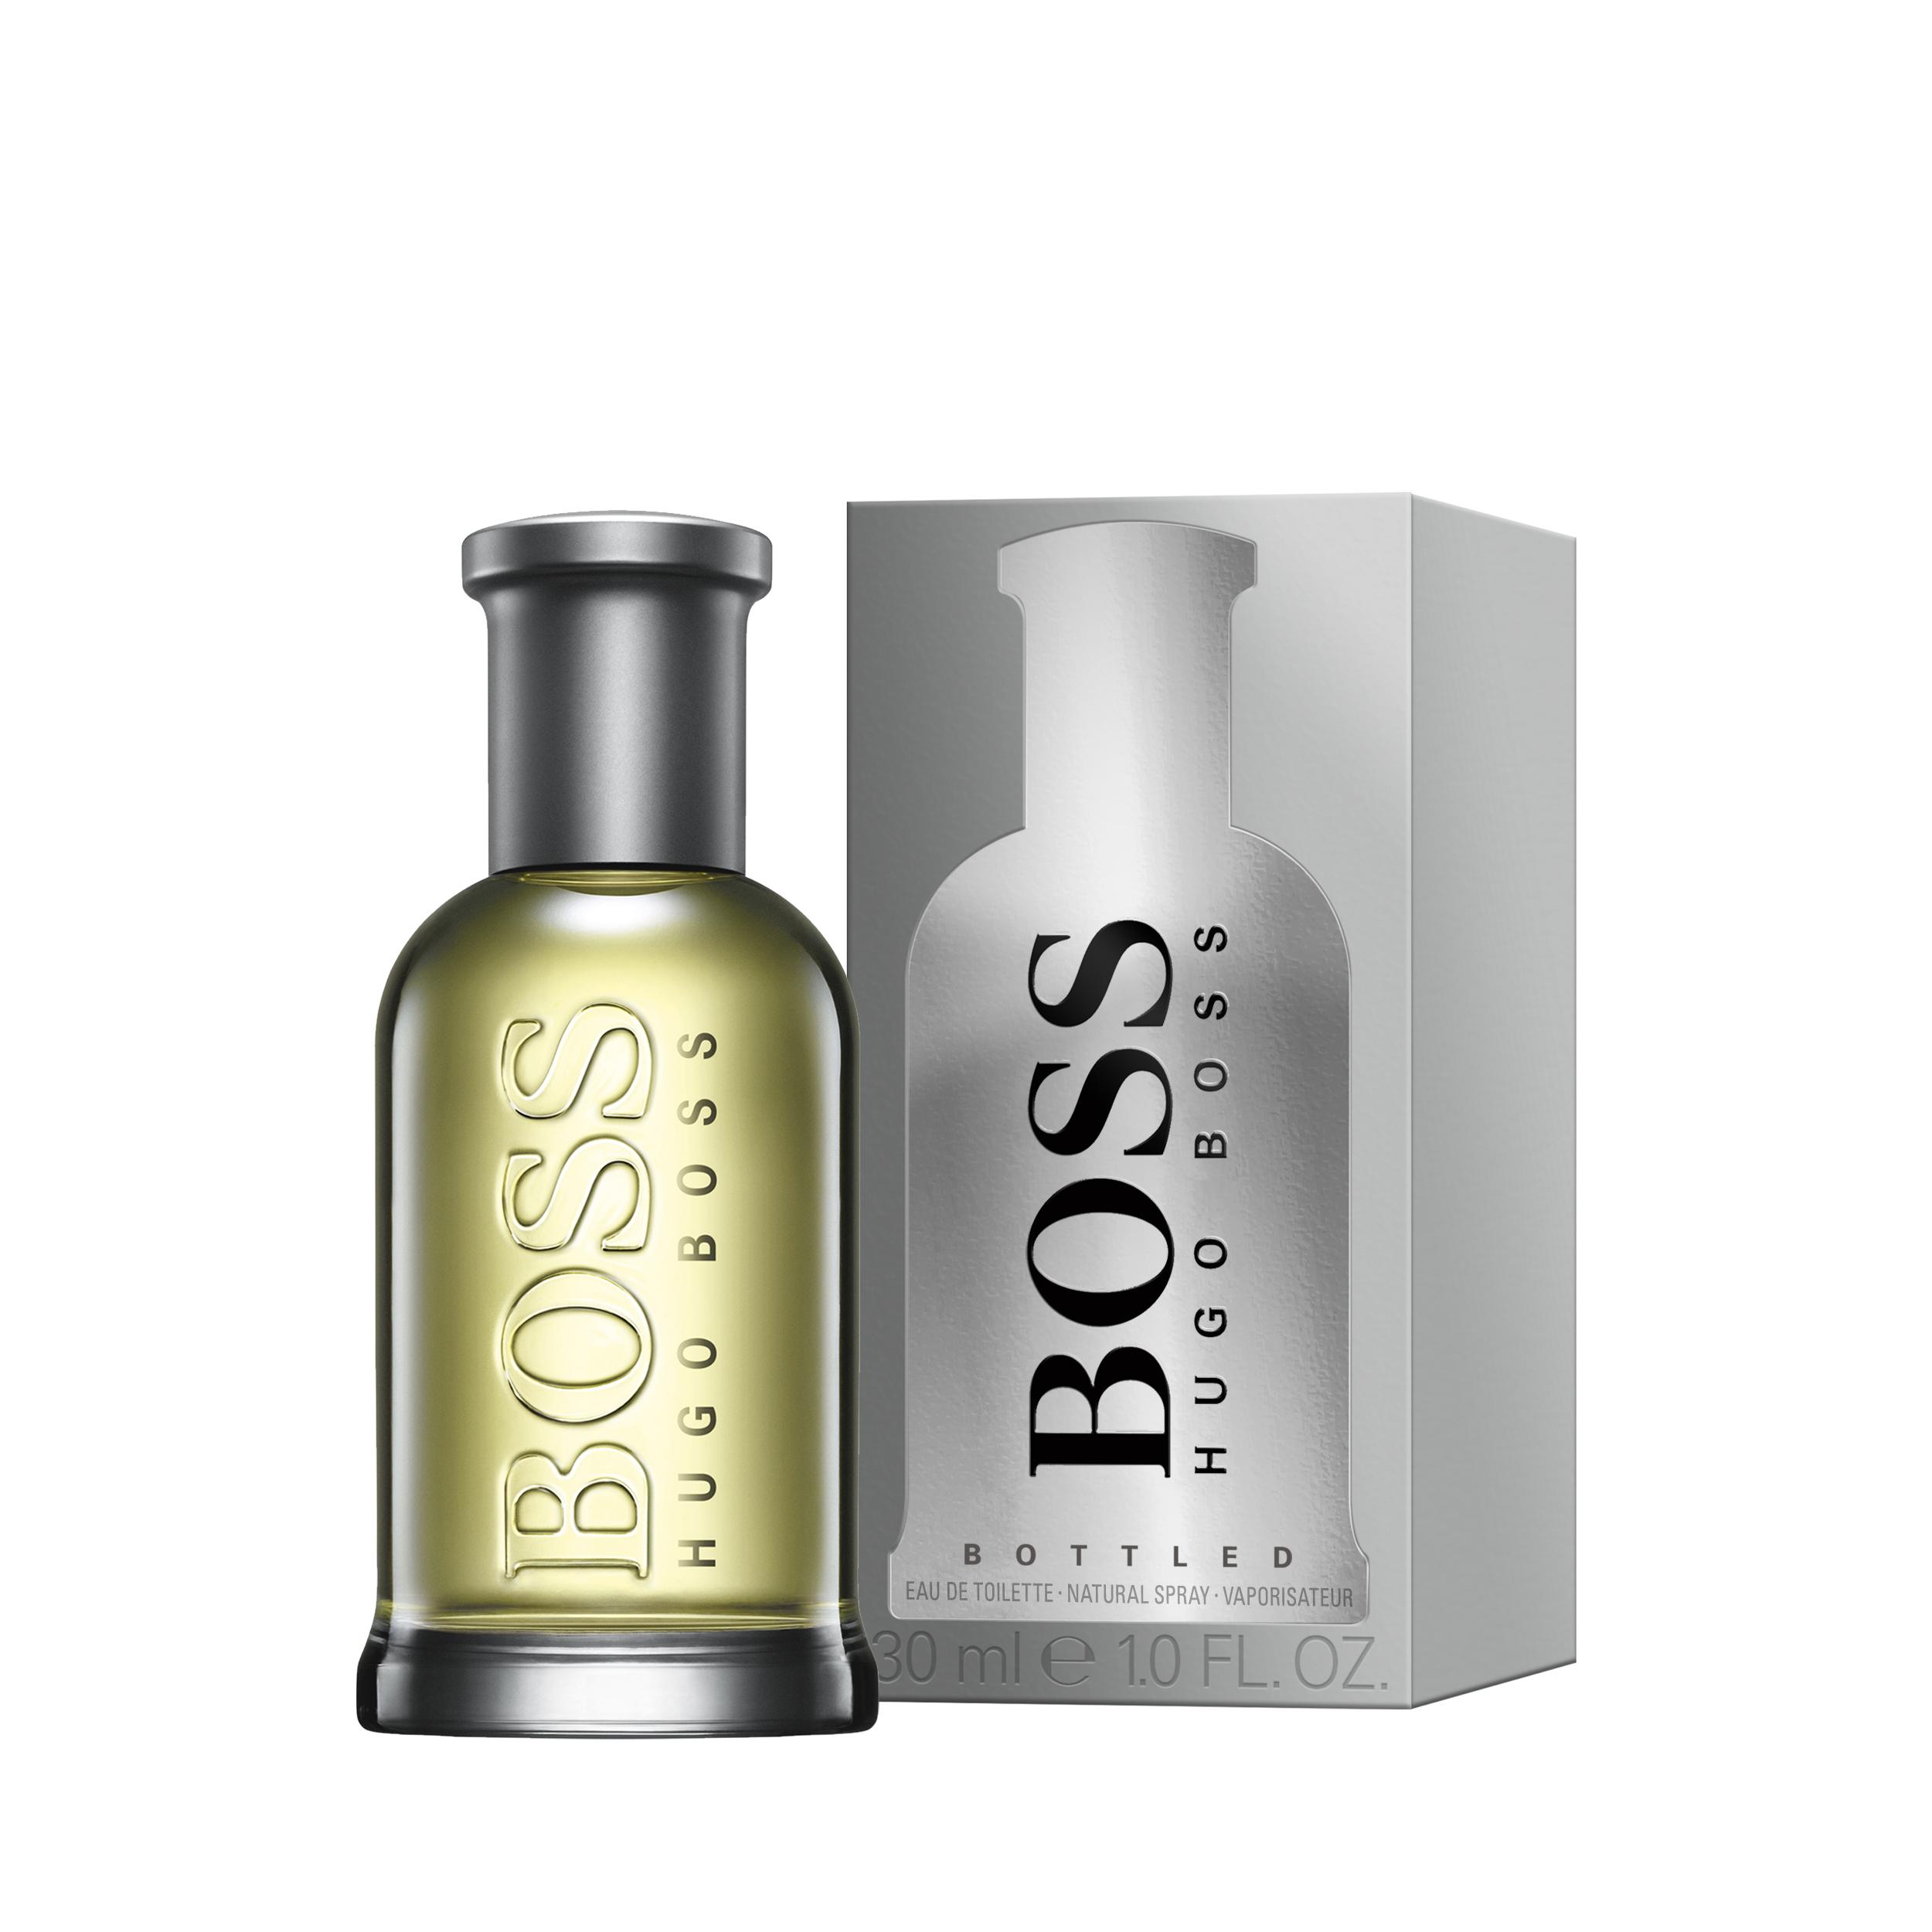 Hugo Boss BOSS Bottled EDT, 30 ml